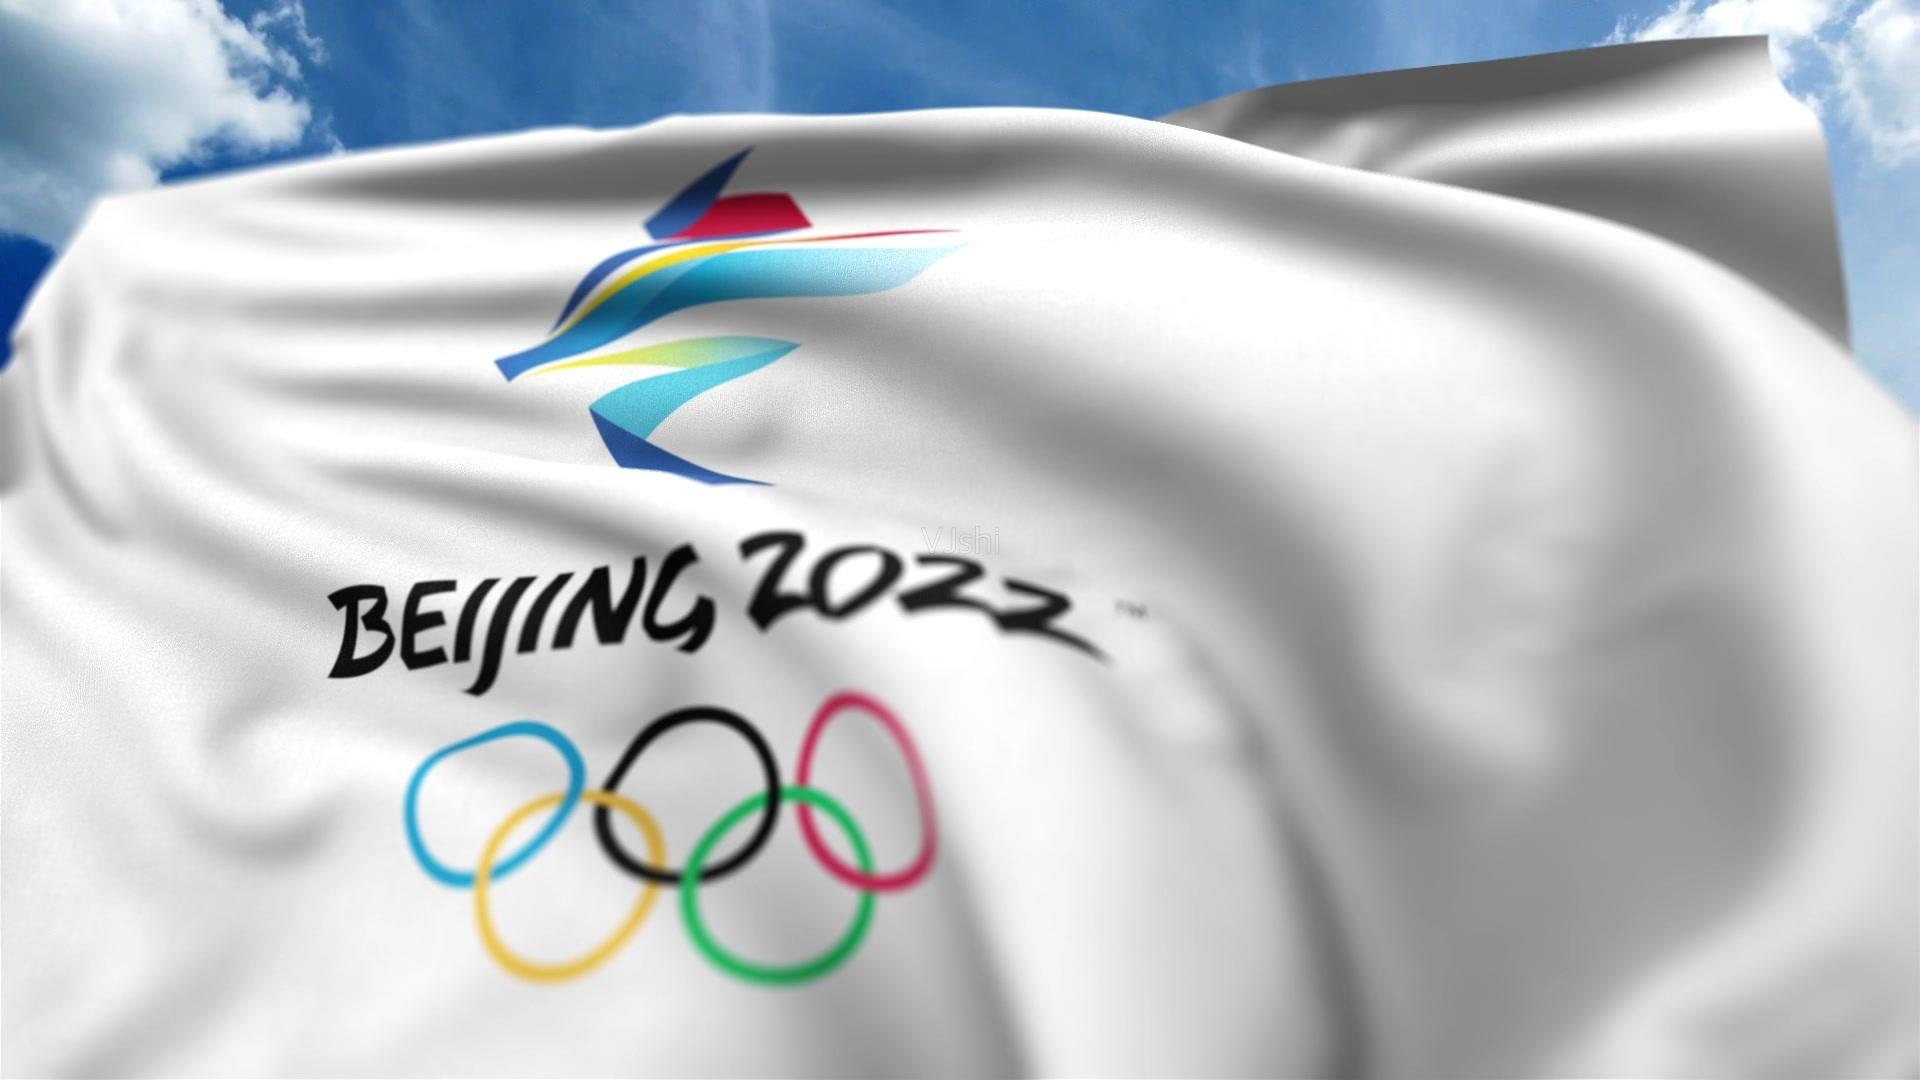 上财报告:数字人民币有望在北京冬奥会测试完成后正式在全国范围内落地